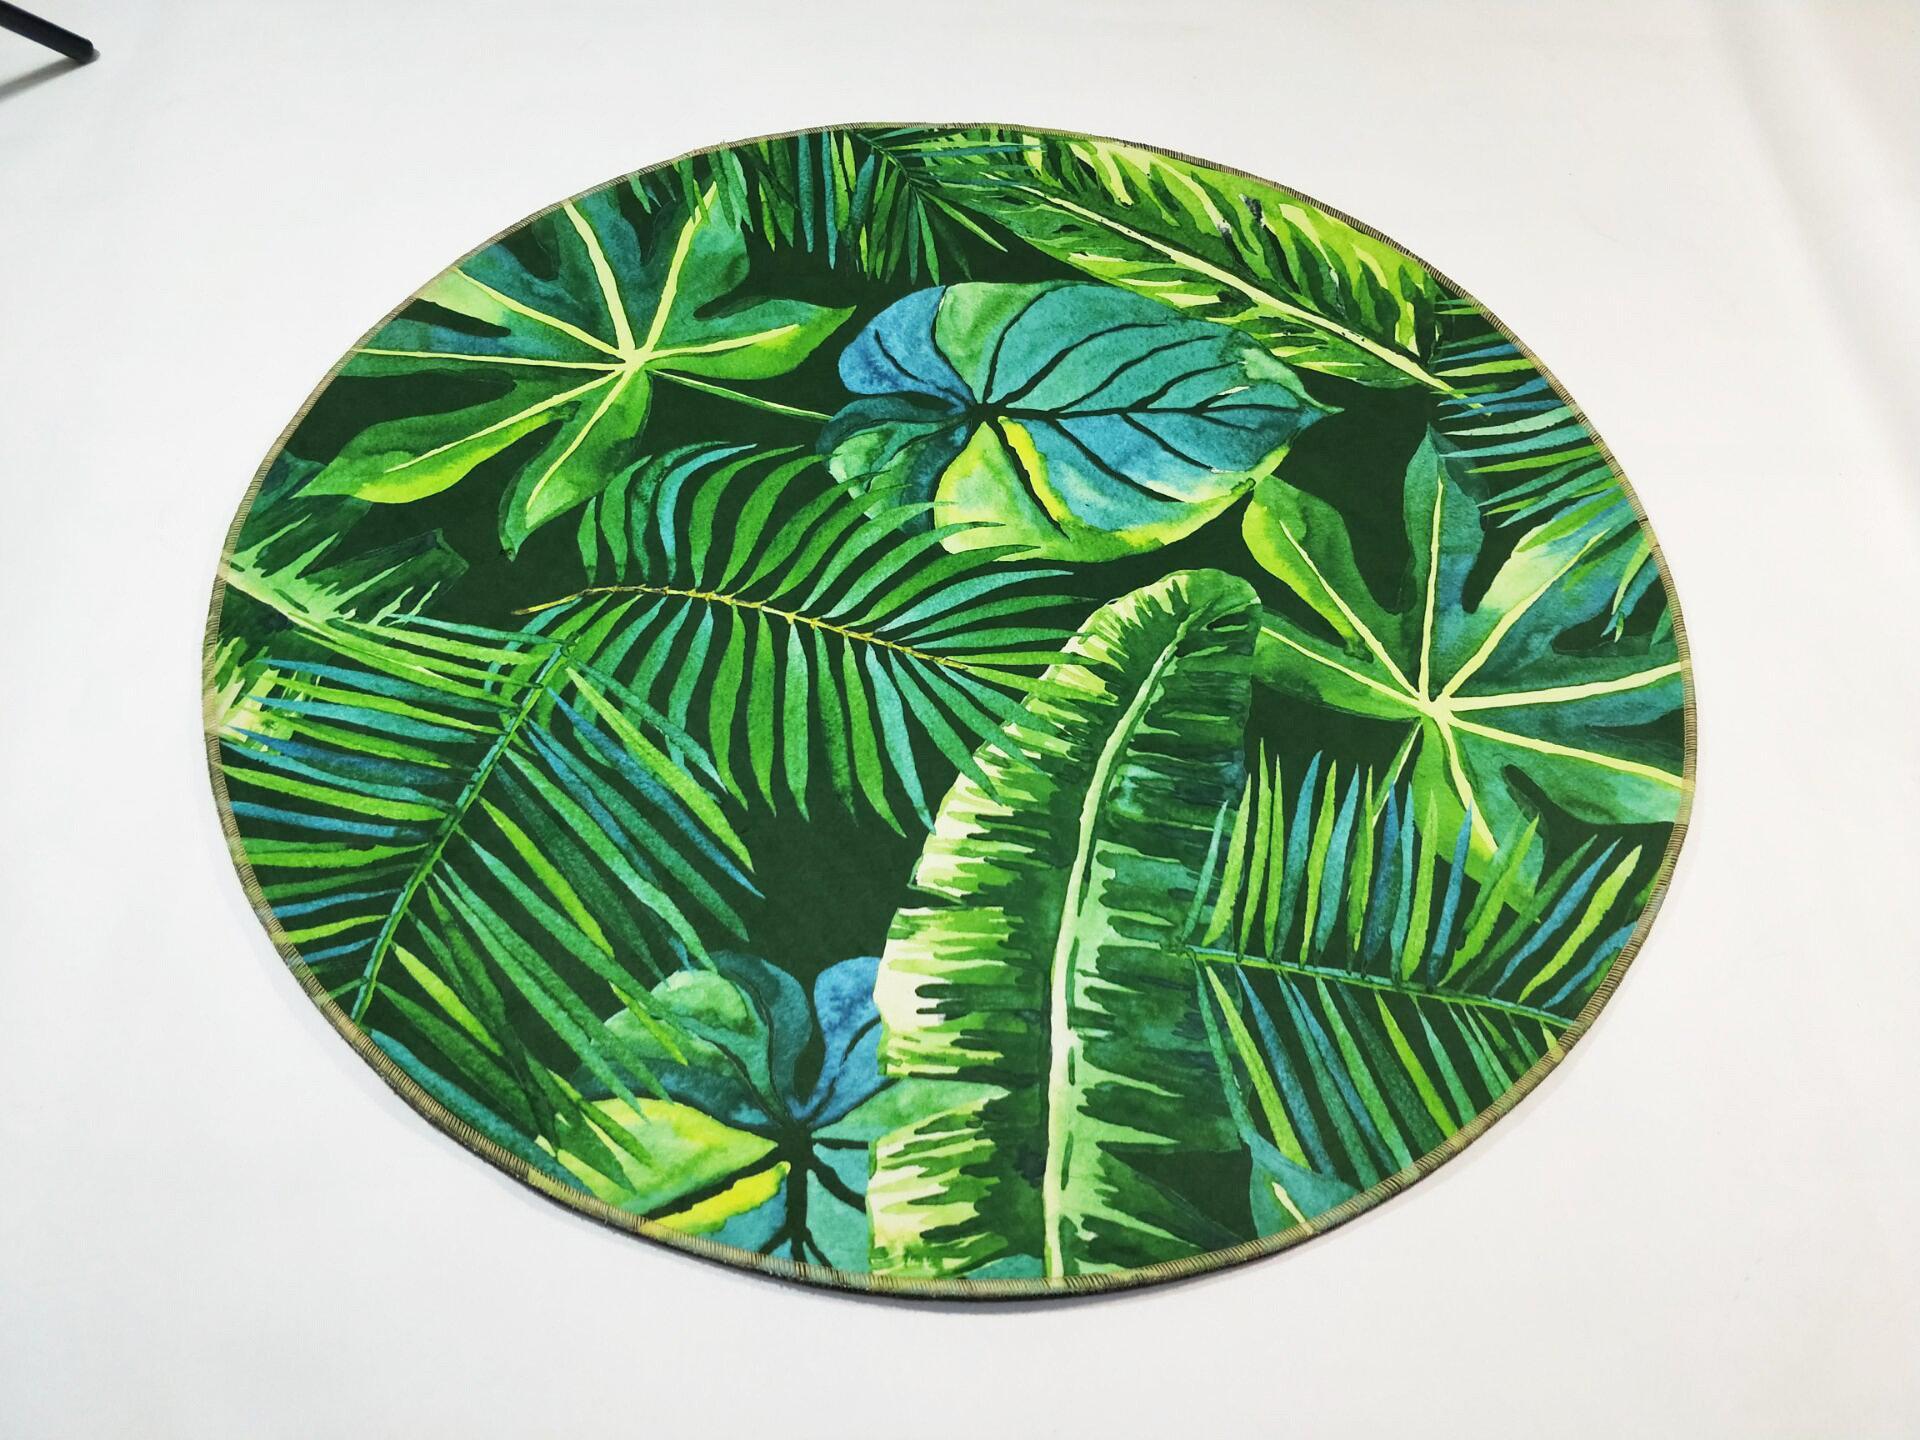 Runder Teppich <br> Exotisches Muster